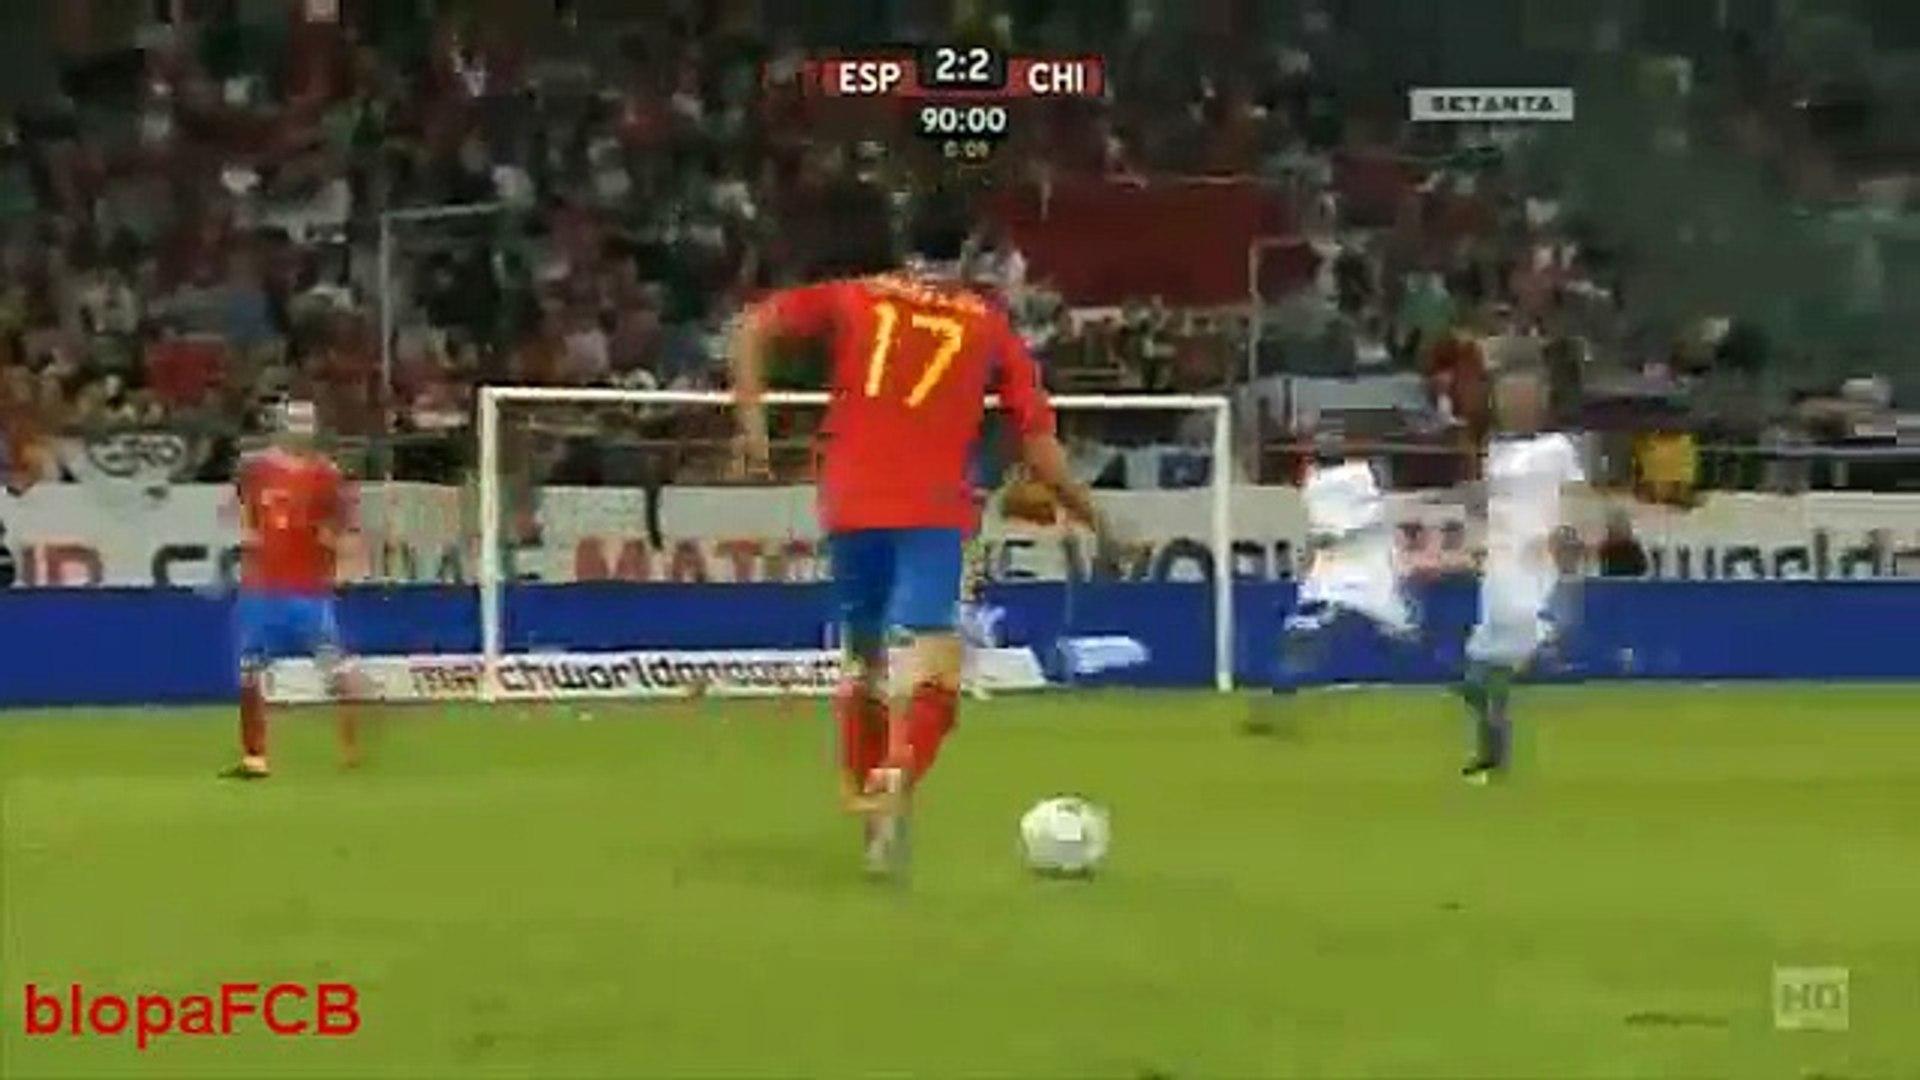 Thể thao 24 tivi   Báo thể thao 24h   giải ngoại hạng anh  video  clip bóng đá  video bóng đá